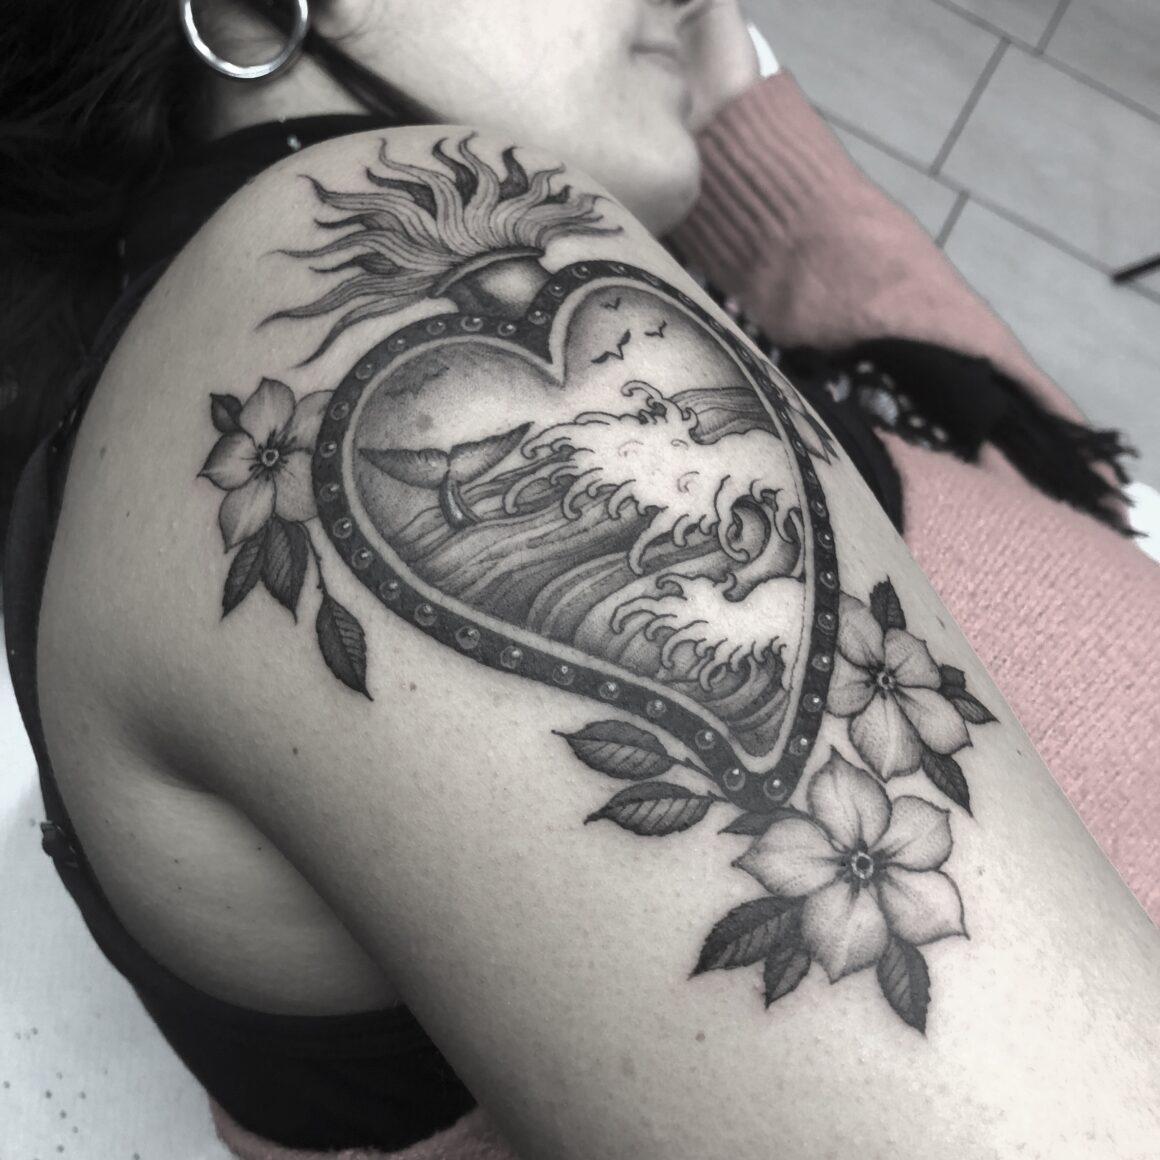 Diletta Lembo, Wildink Tattoo Crew, Napoli